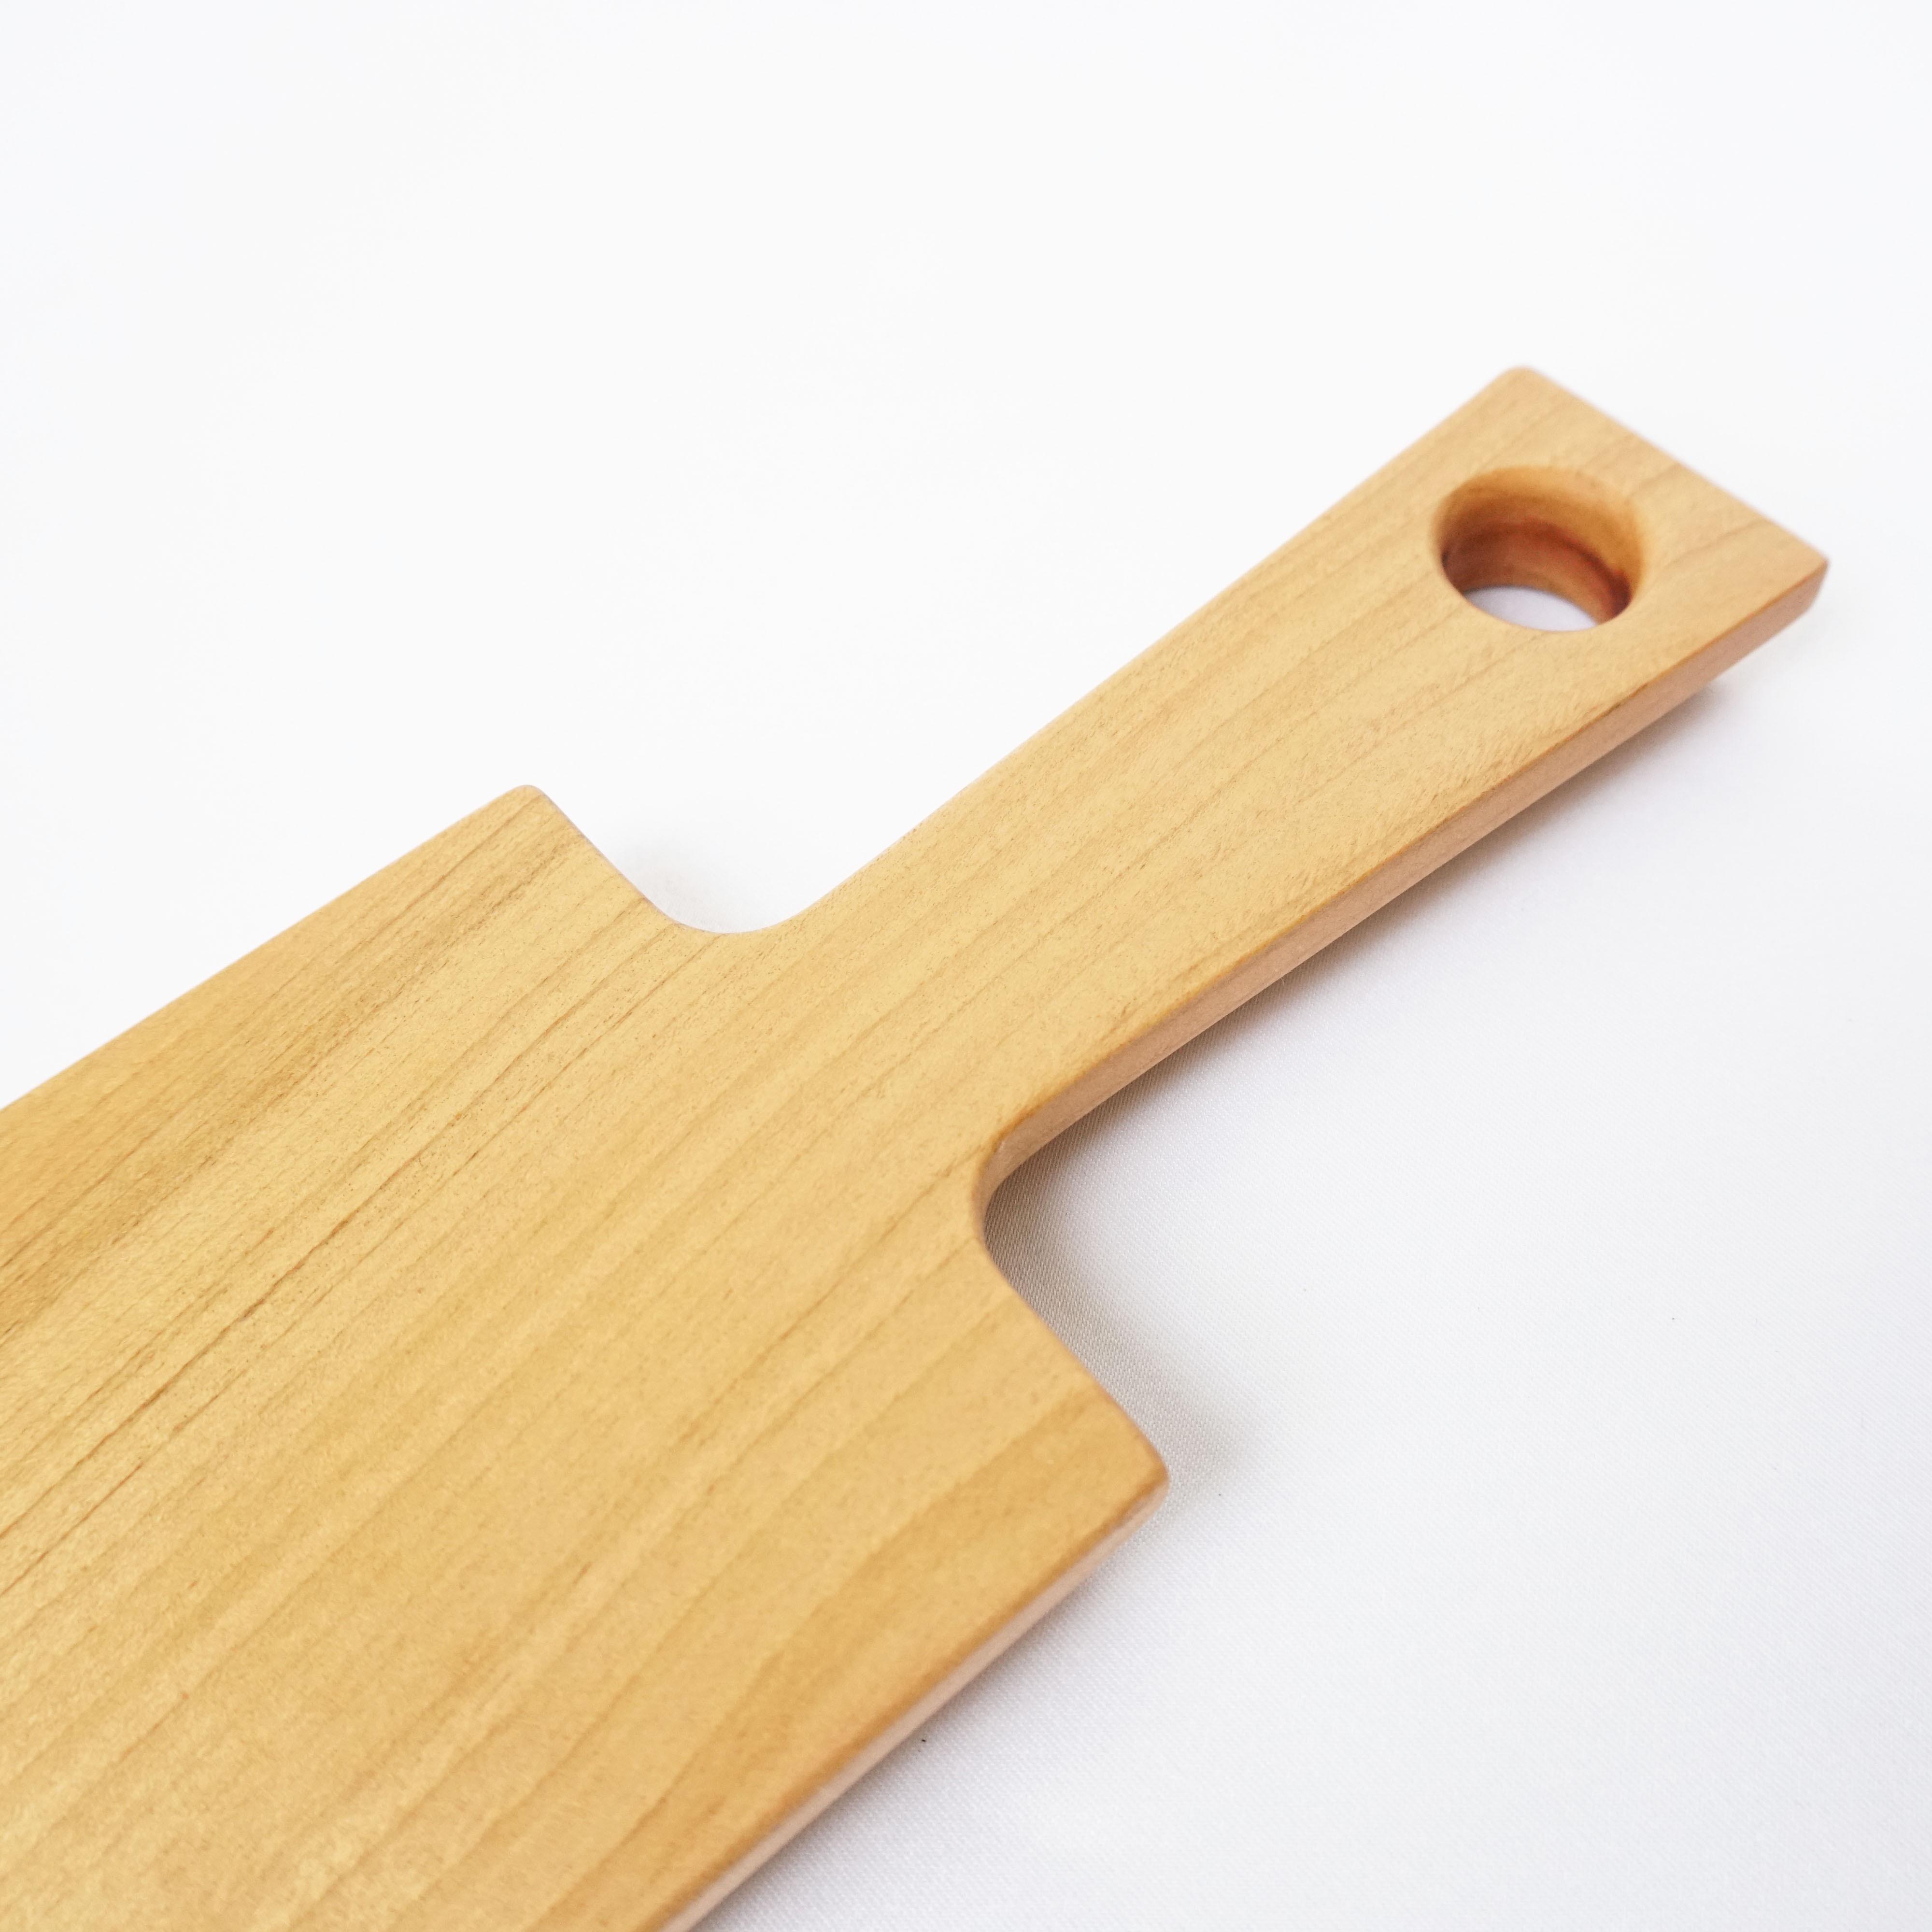 Cutting Board(S)sakura